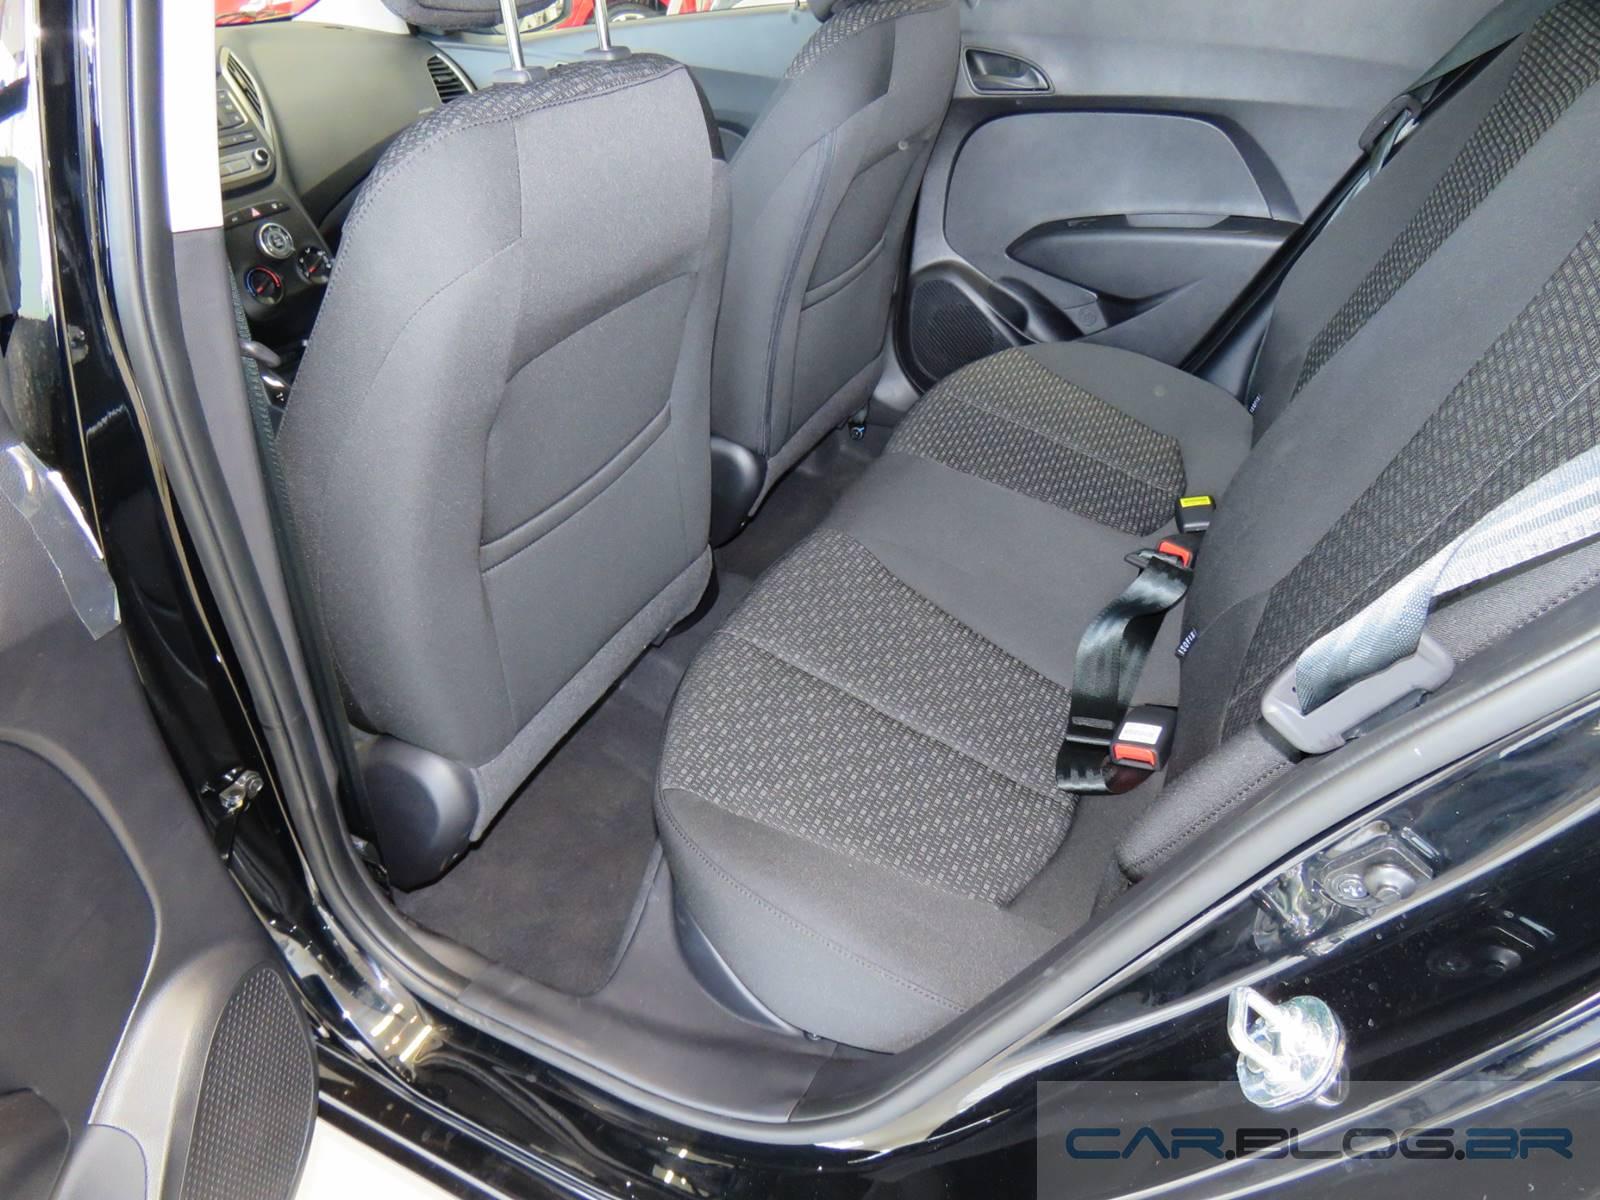 Hyundai HB20 2016 1.0 Comfort Plus  fotos e detalhes   CAR.BLOG.BR 448d13d00d